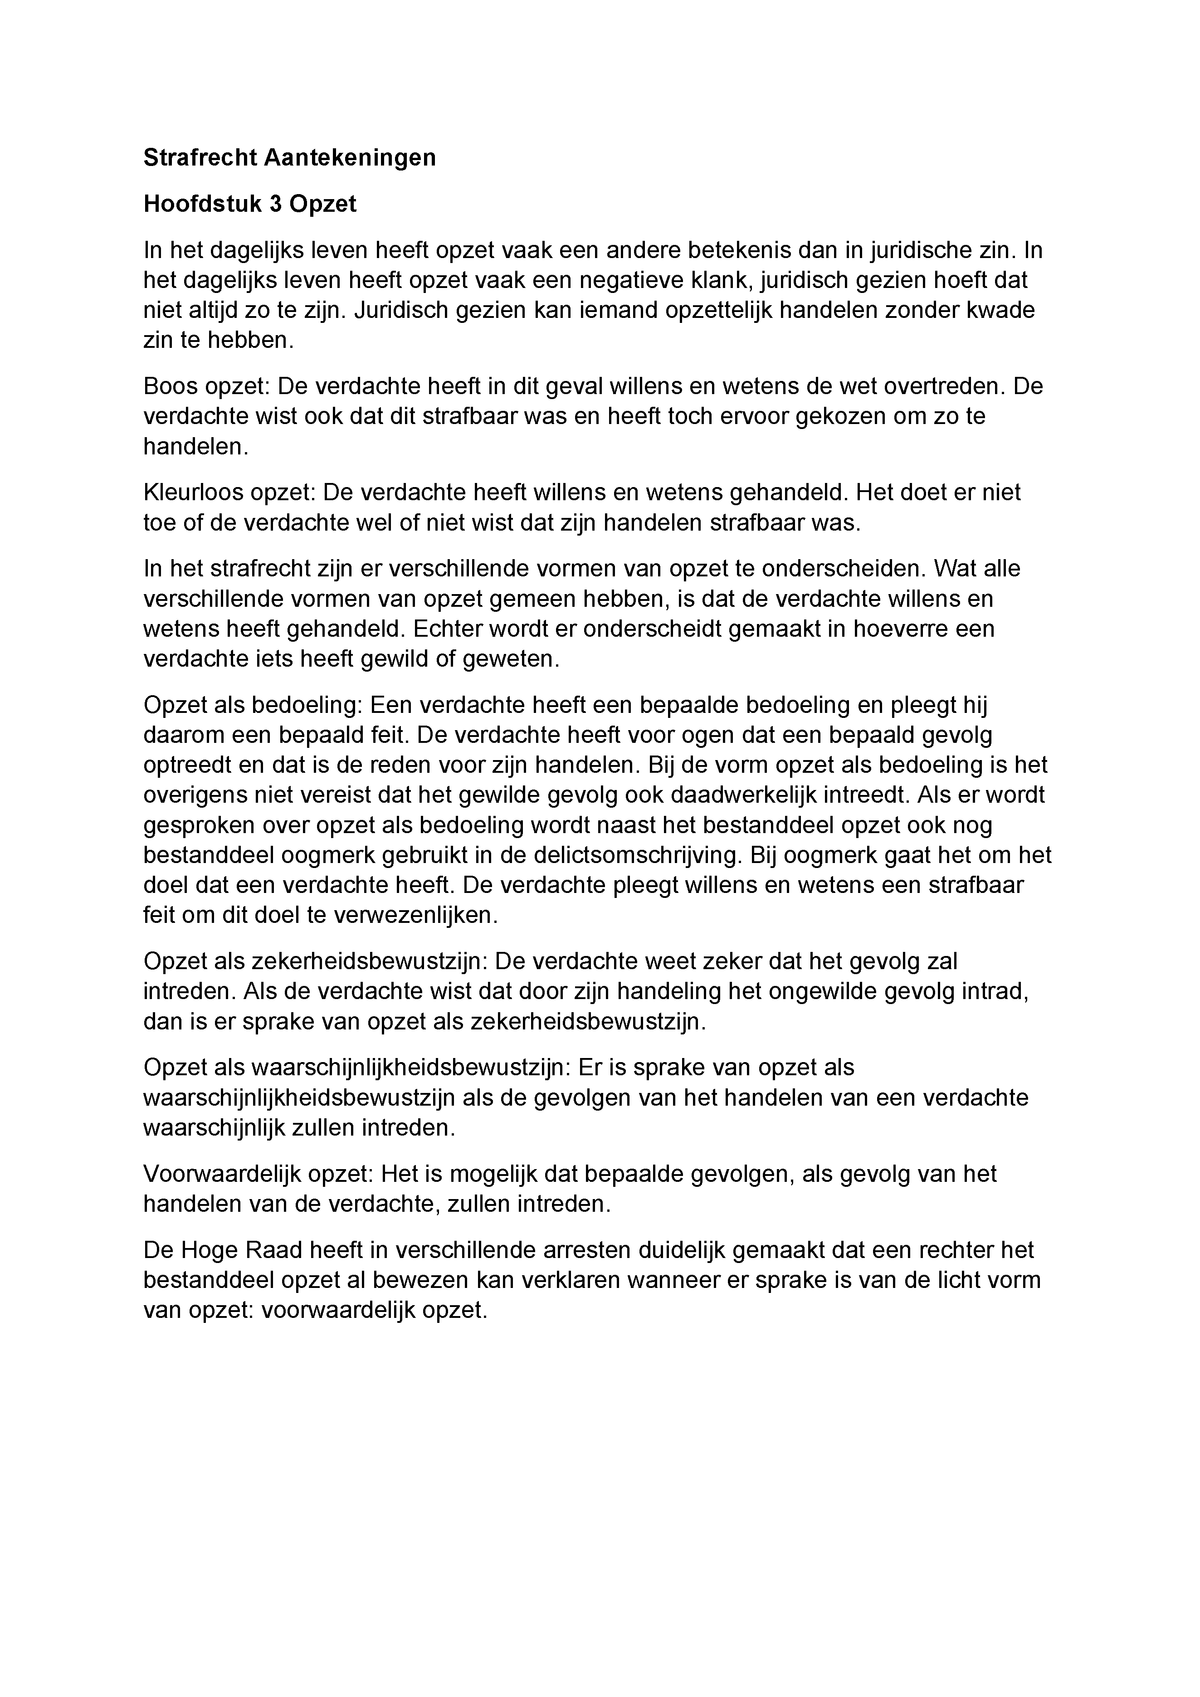 Strafprocesrecht Aantekeningen Formulier Lesweek 2 Studocu